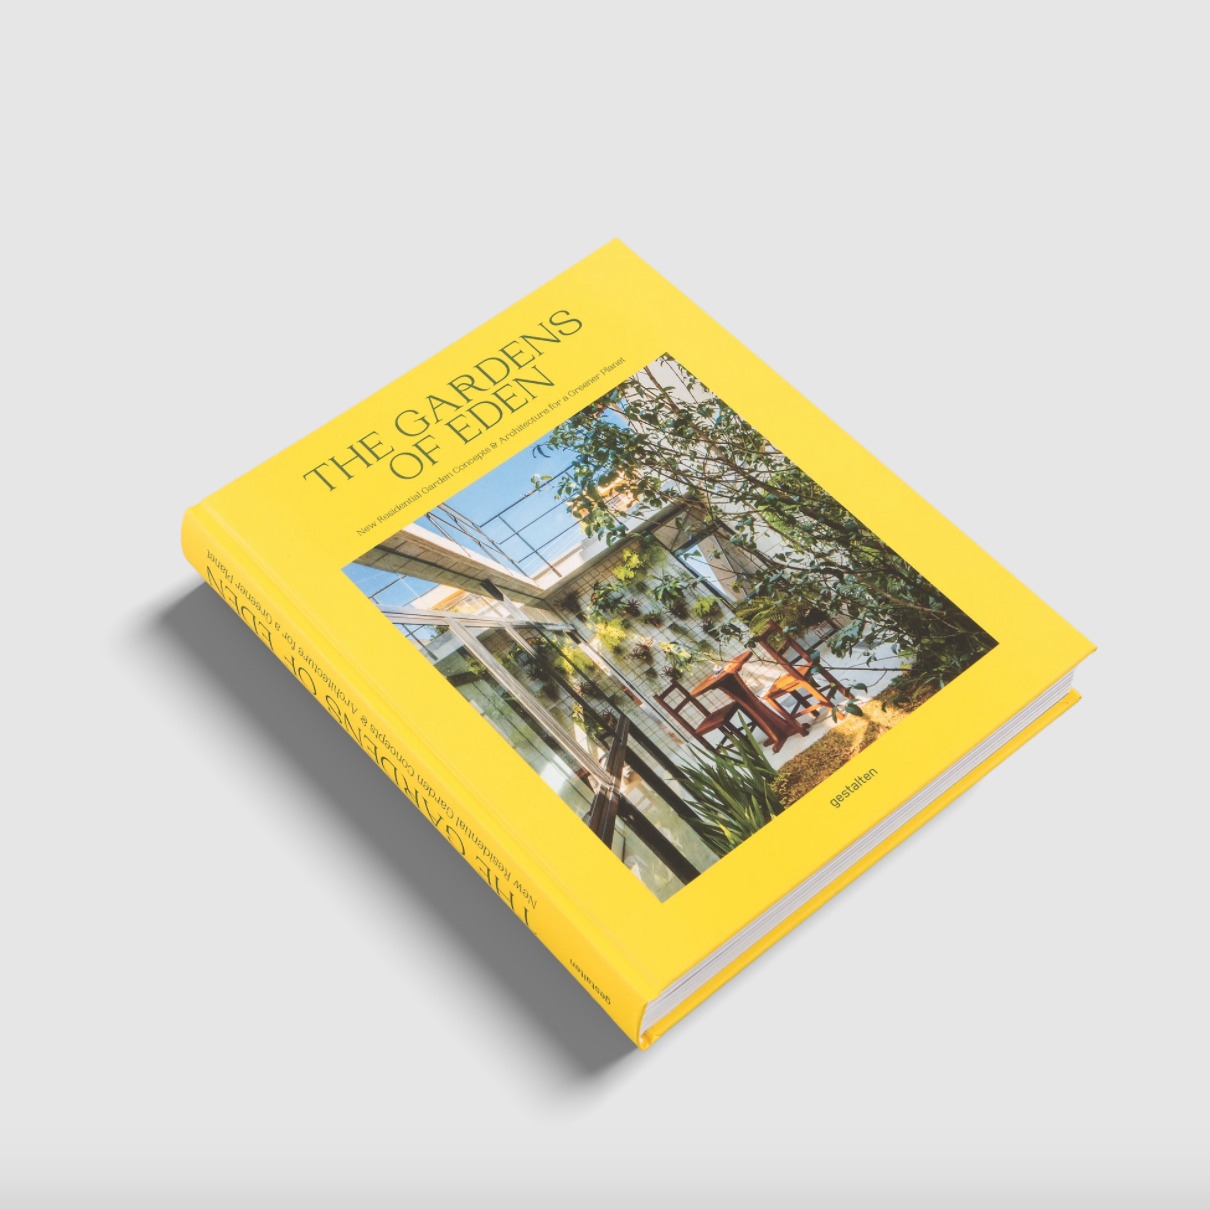 Yellow buys